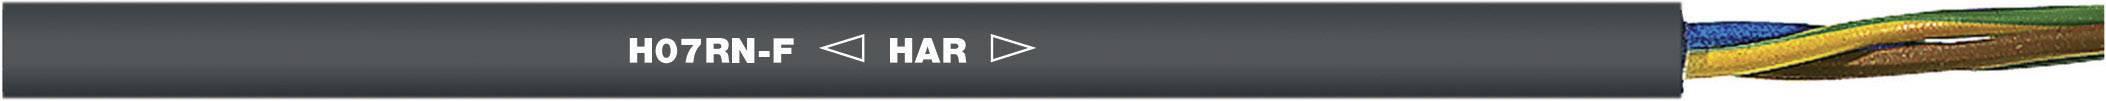 Připojovací kabel H07RN-F 4 G 1.50 mm² černá LappKabel 16001233 metrové zboží